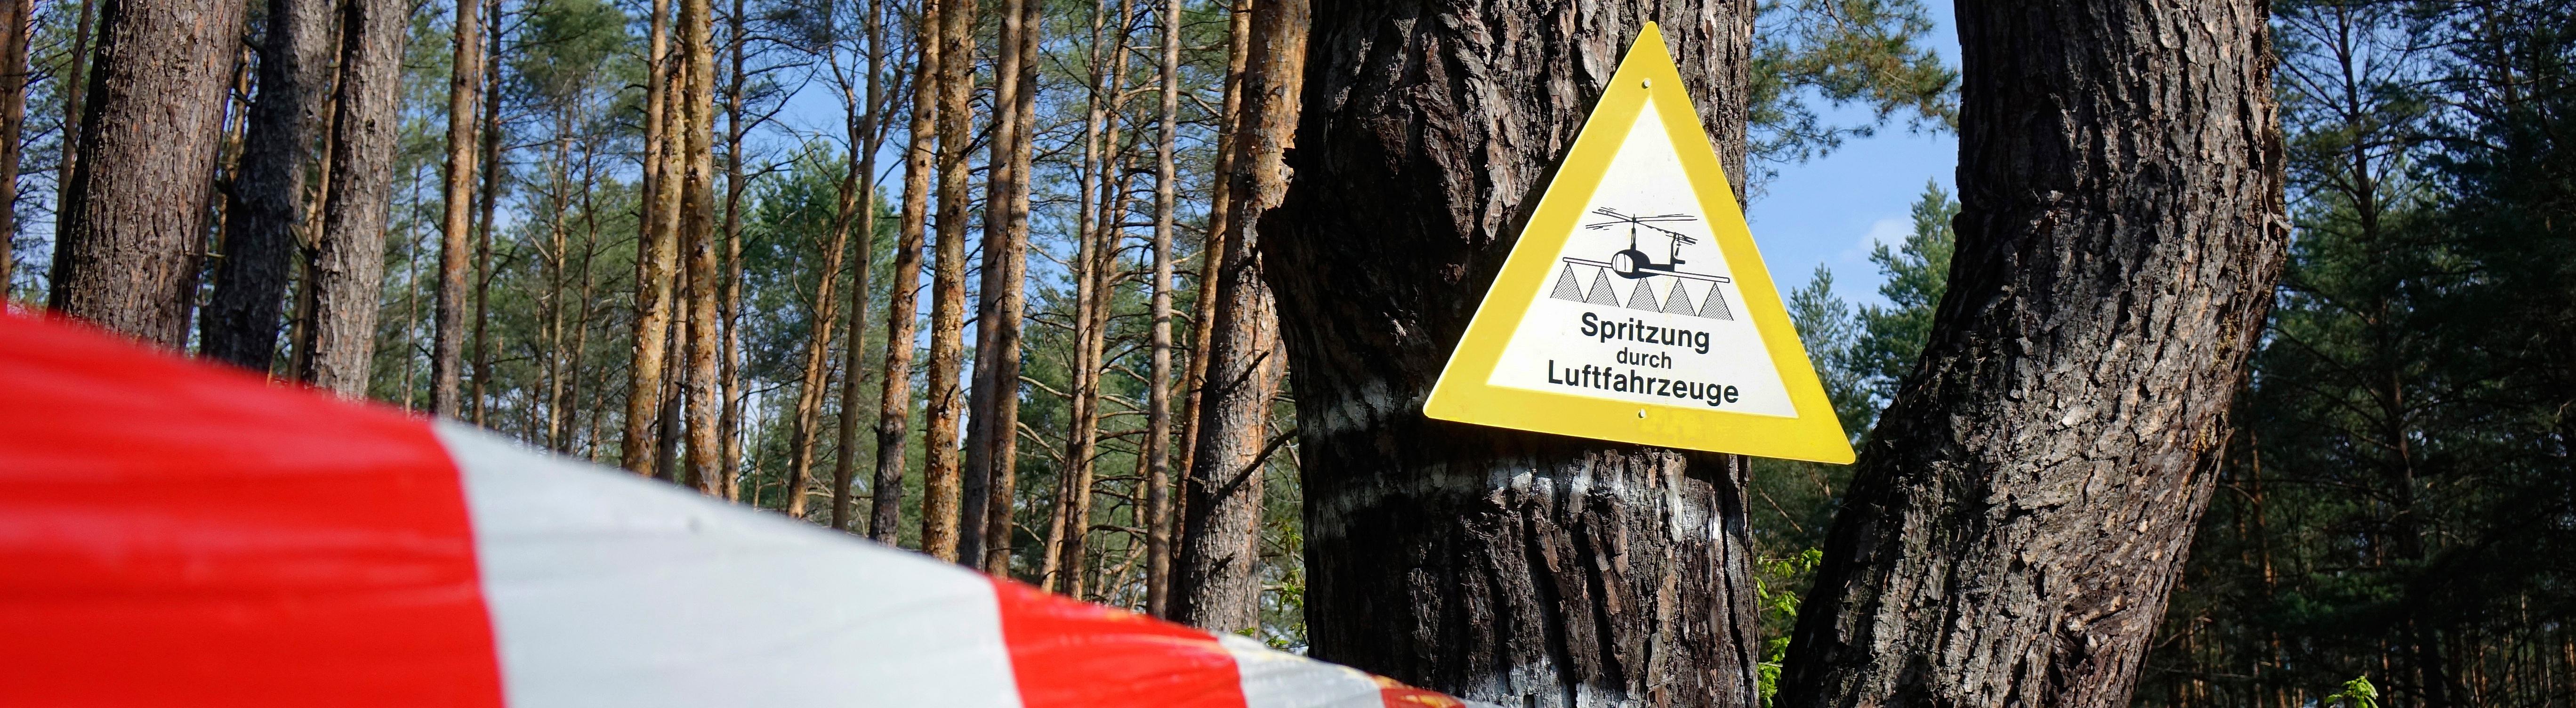 17.05.2019, Borkwalde, Brandenburg, An einer Kiefer befindet sich ein Warnschild.